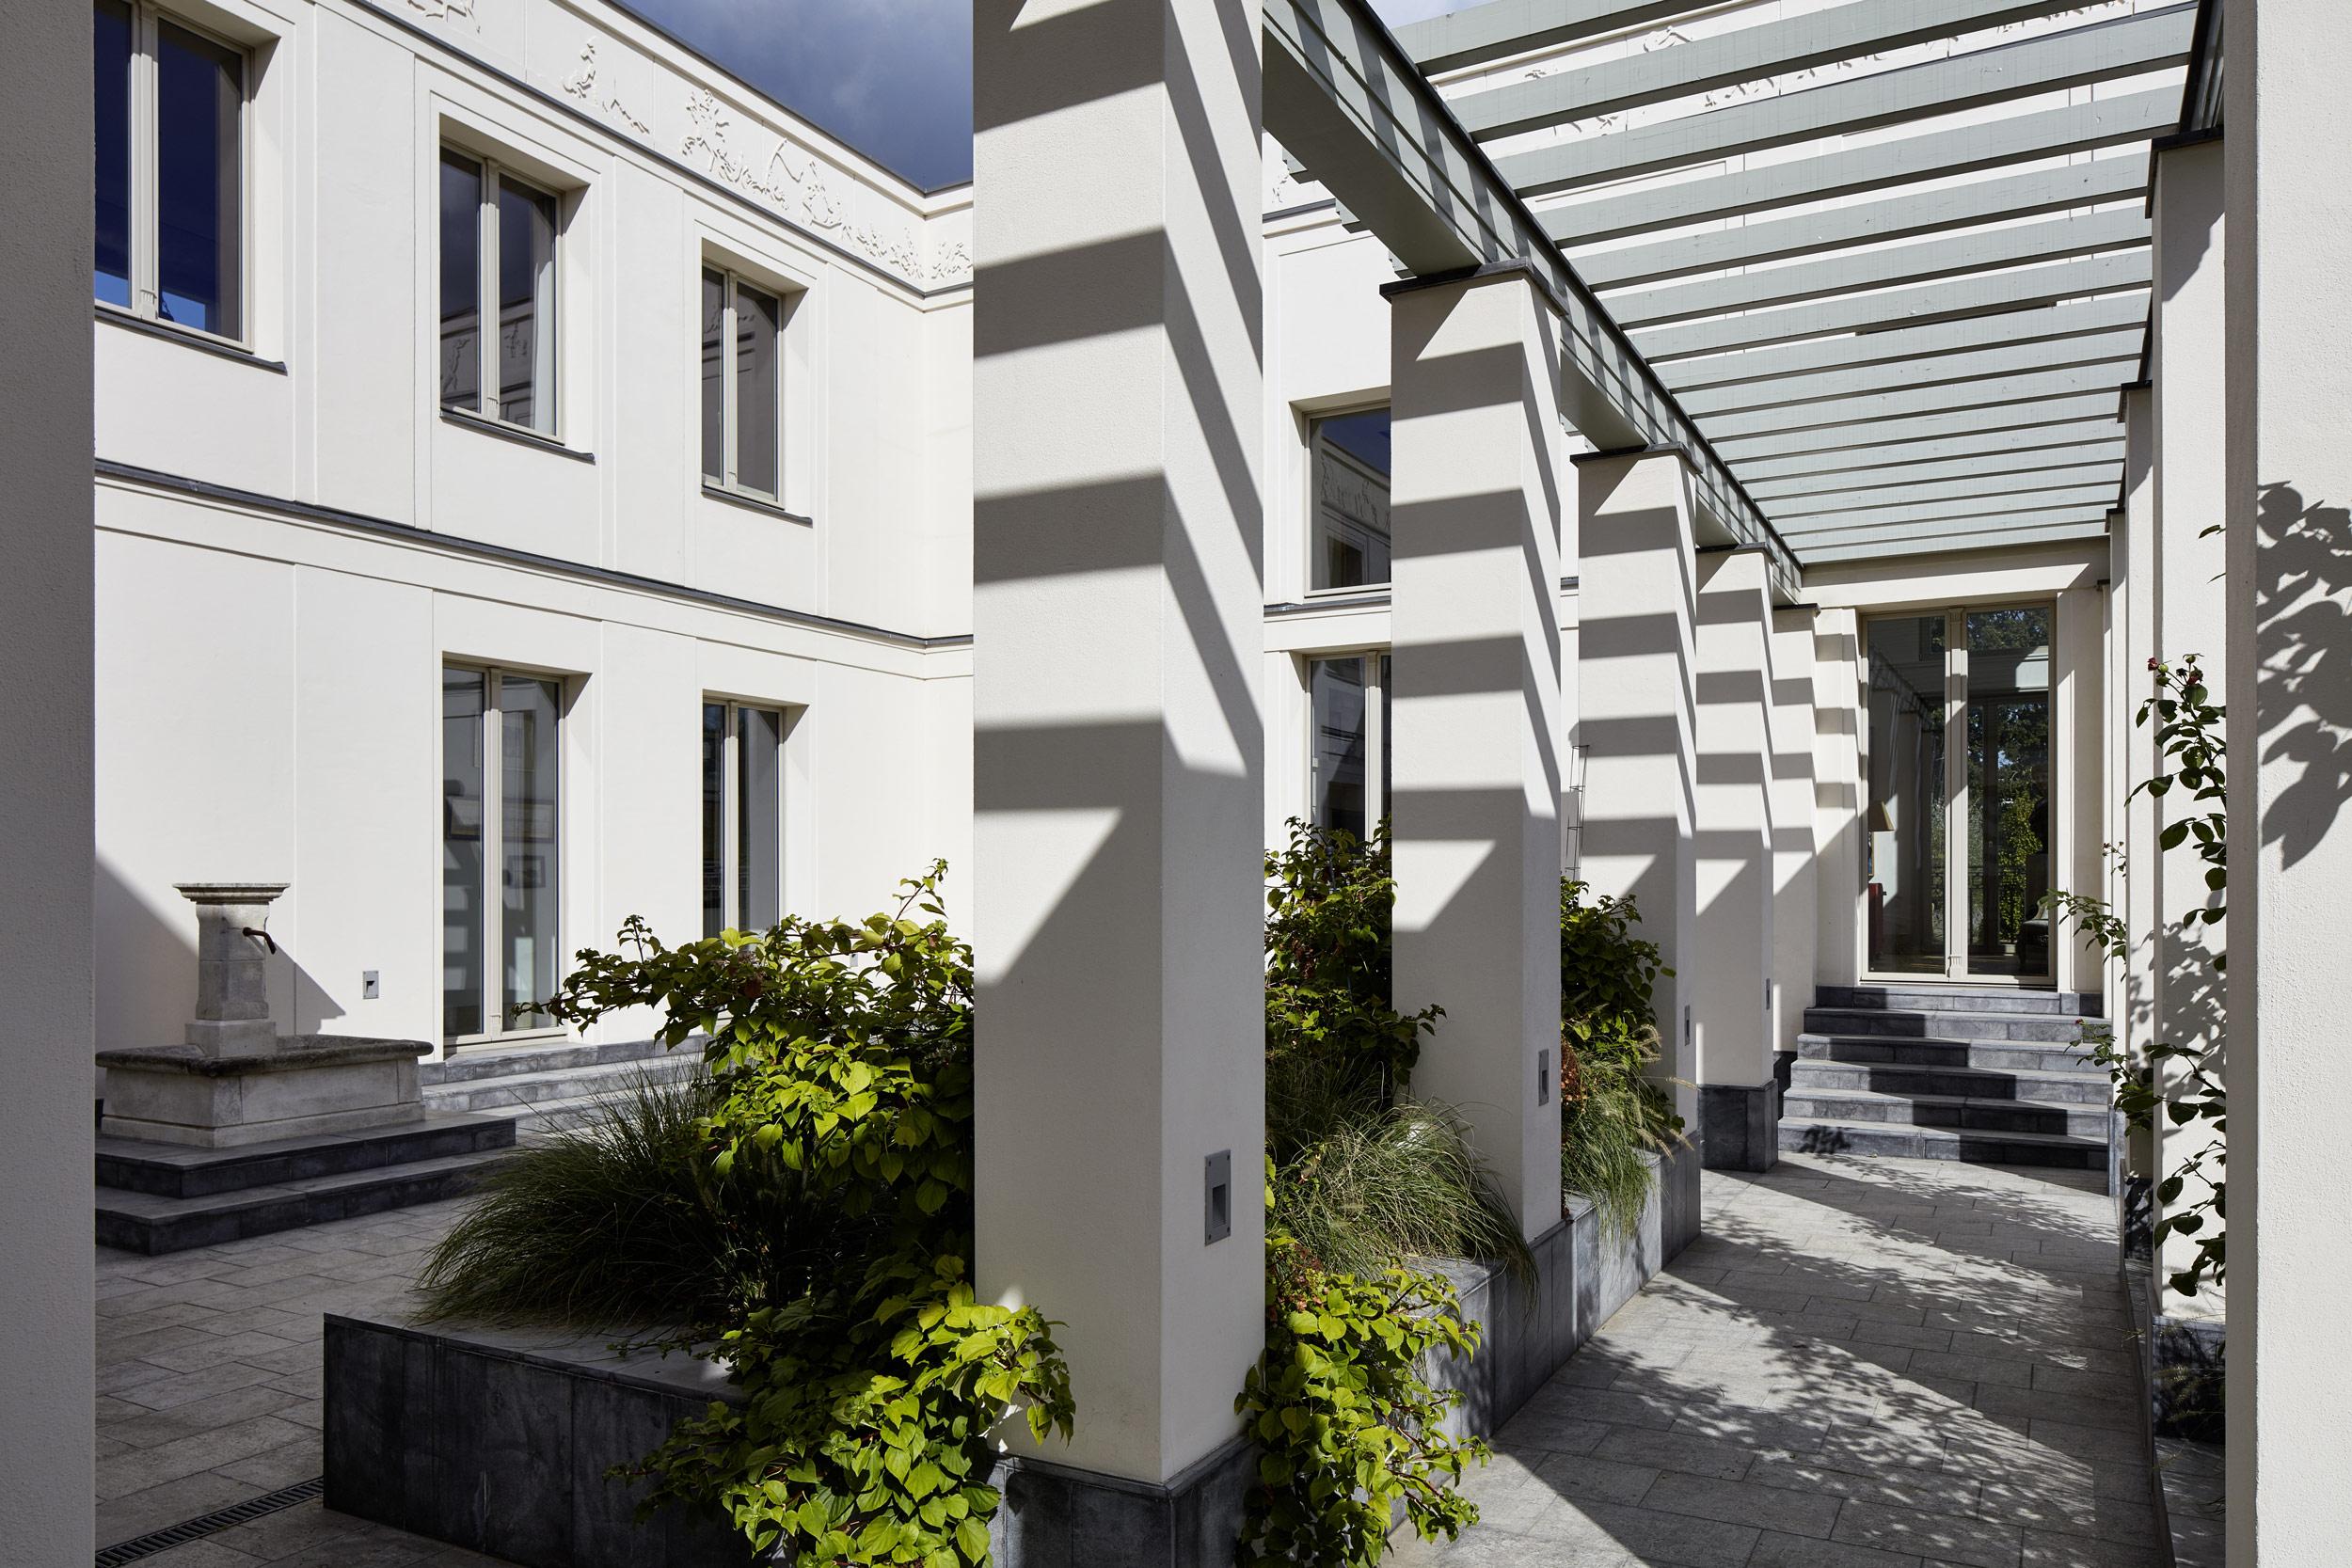 Klassik und Tradition - Eine berankte Pergola ermöglicht den Bewohnern der Villa eine Verbindung beider Seitenflügel über den Patio.